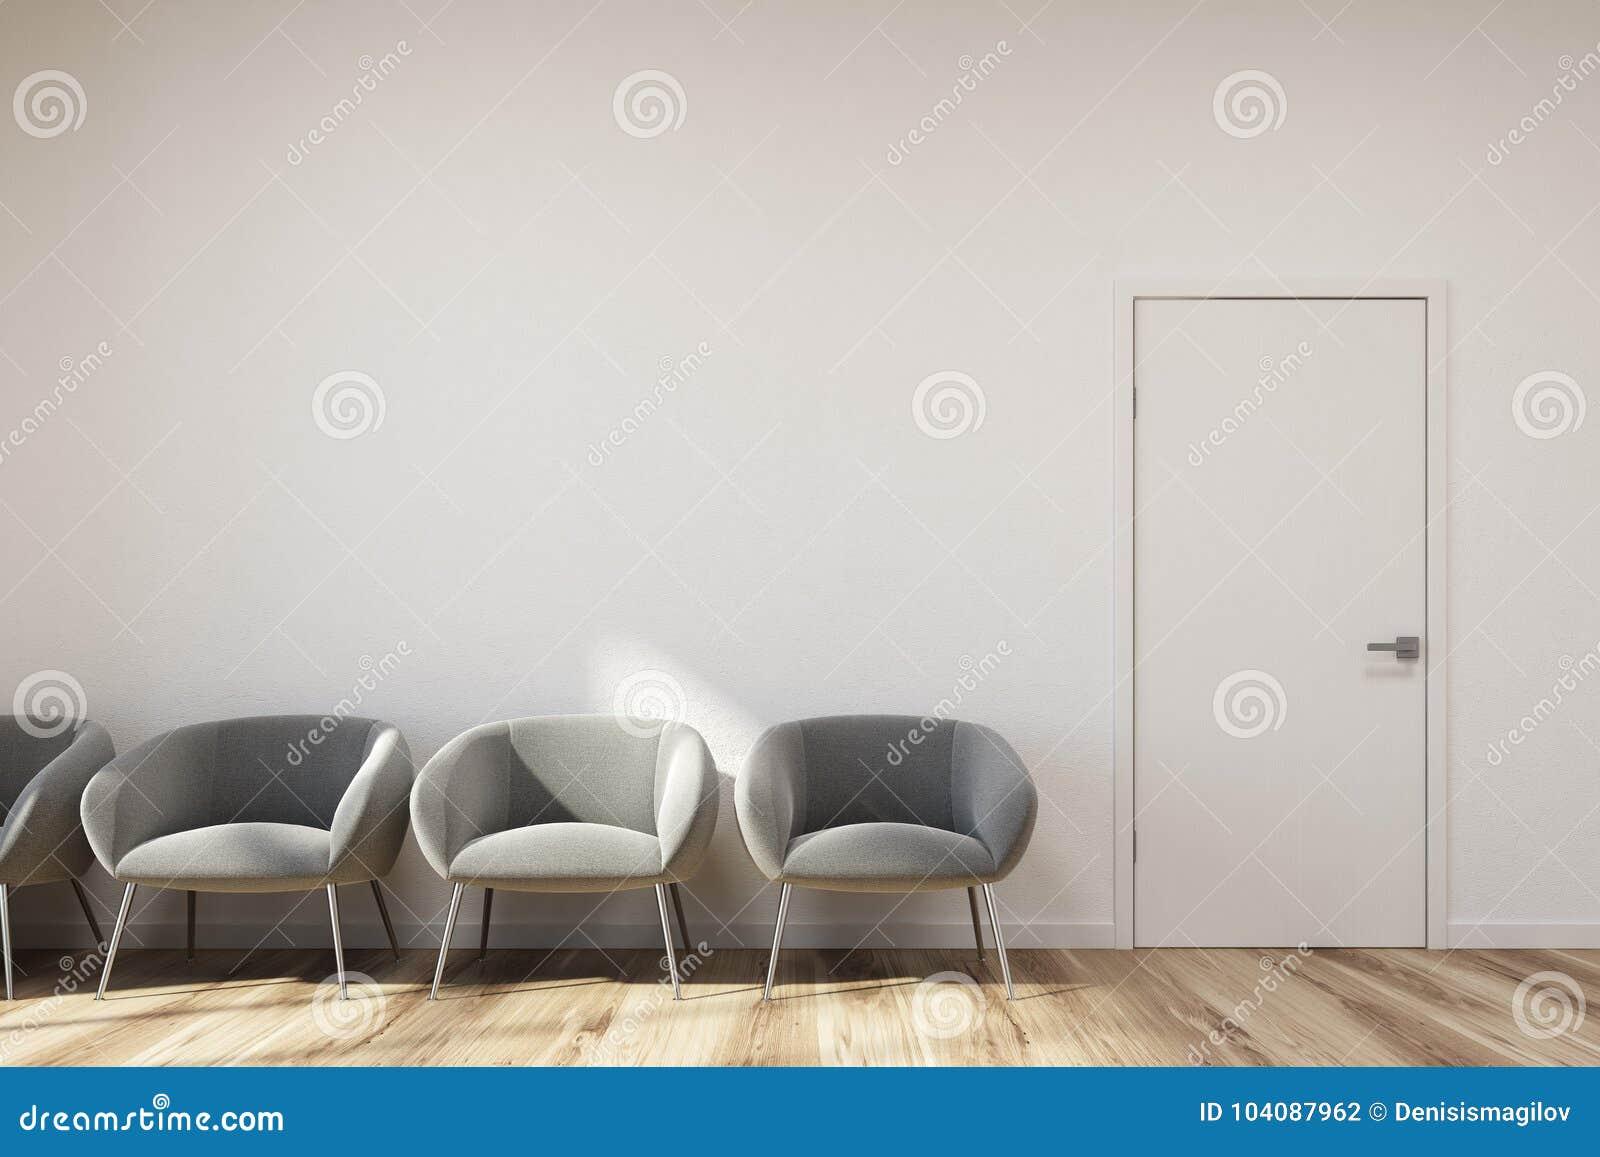 Sillas Para Sala De Espera Precios.Sala De Espera Blanca Sillas Grises Stock De Ilustracion